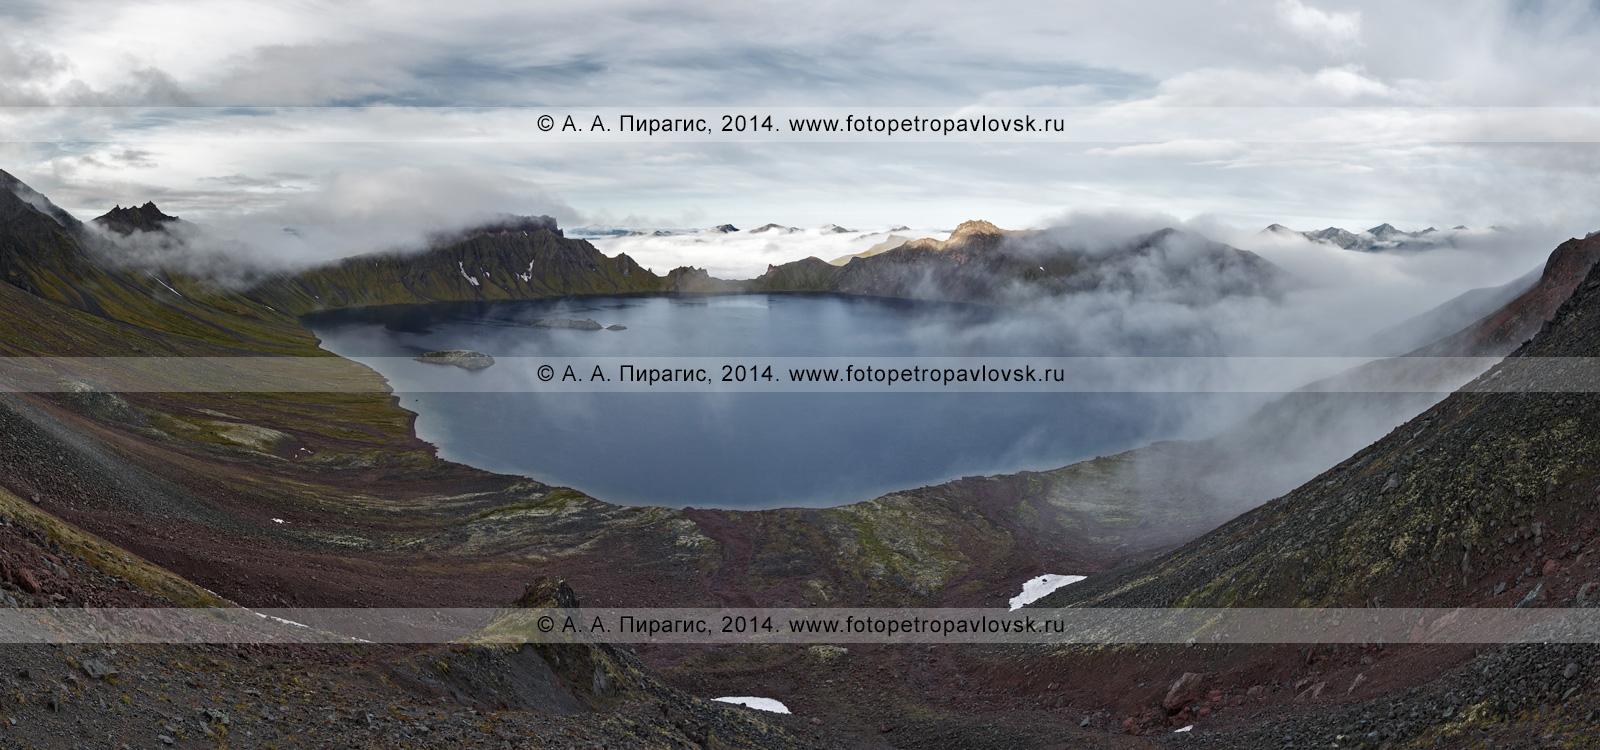 Фотография (панорама): кратер вулкана Хангар (Khangar Volcano) и кратерное озеро Хангар (озеро Кожгумк). Полуостров Камчатка, Срединный хребет, Срединный вулканический пояс